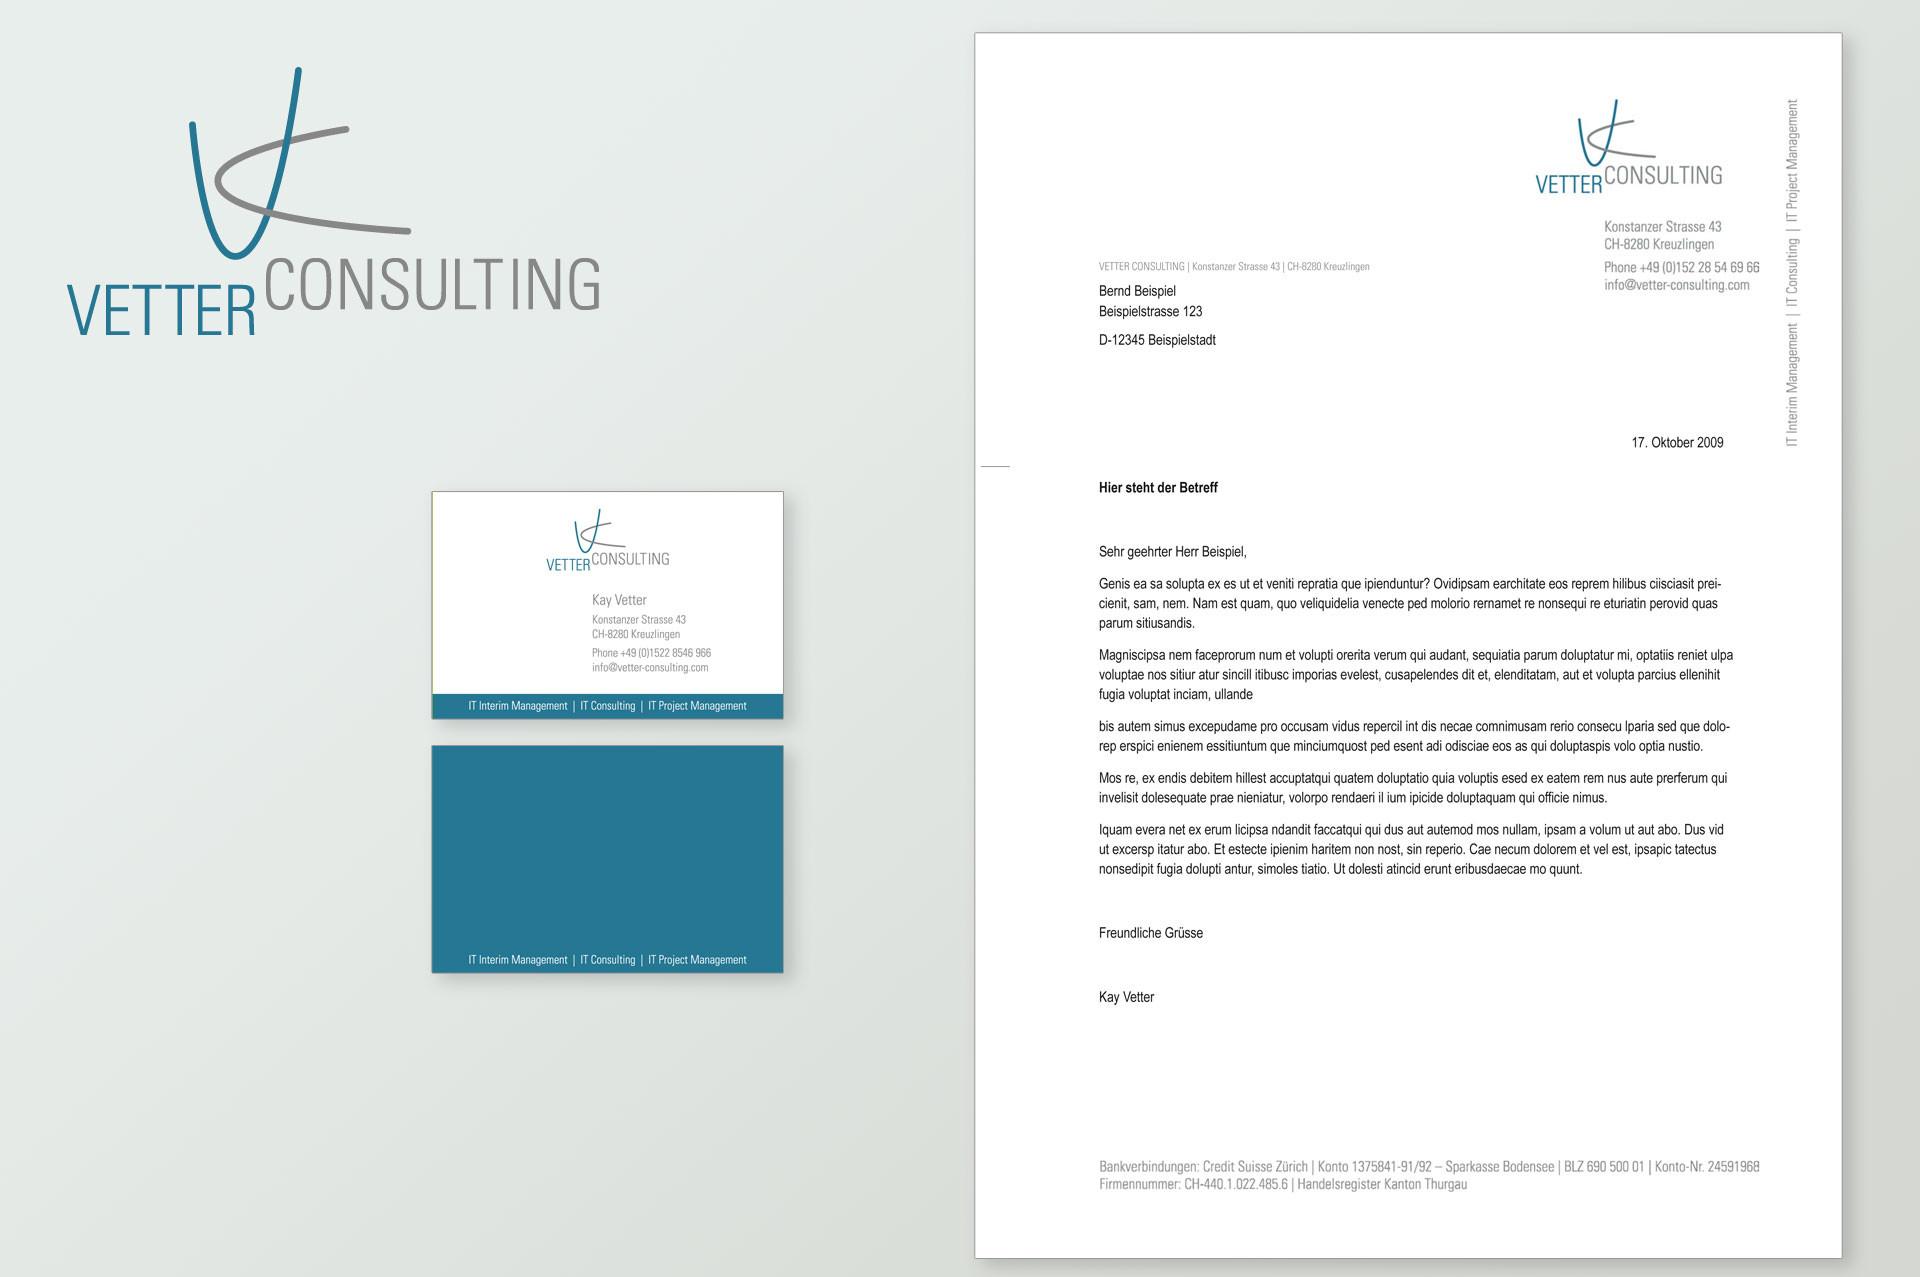 vetter_consulting.jpg